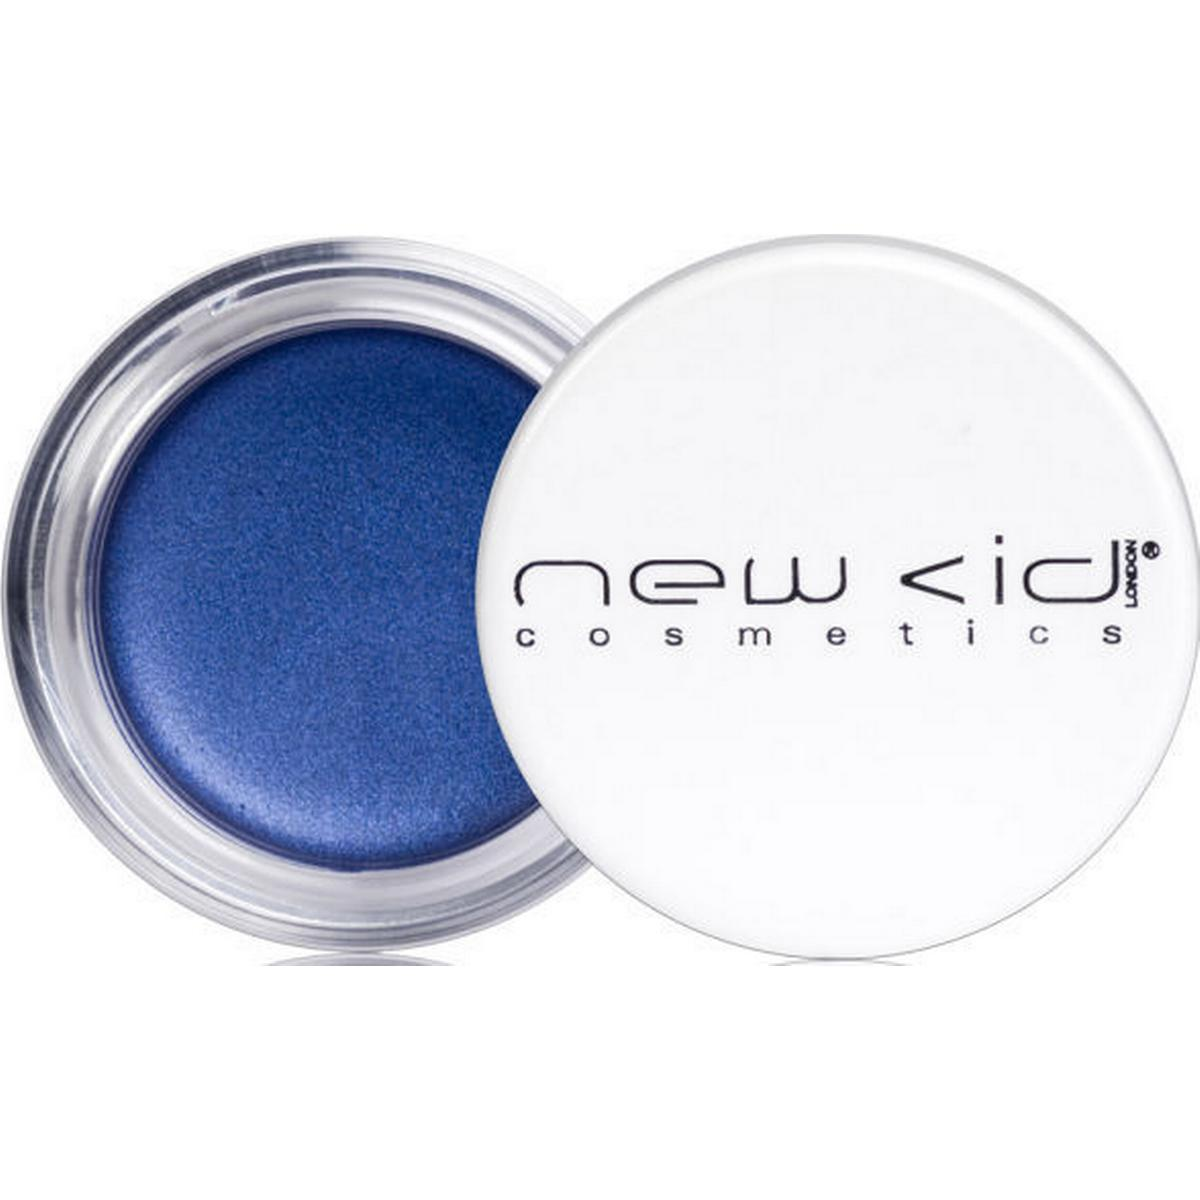 New Cid Cosmetics Makeup (54 produkter) • Se billigste pris nu »